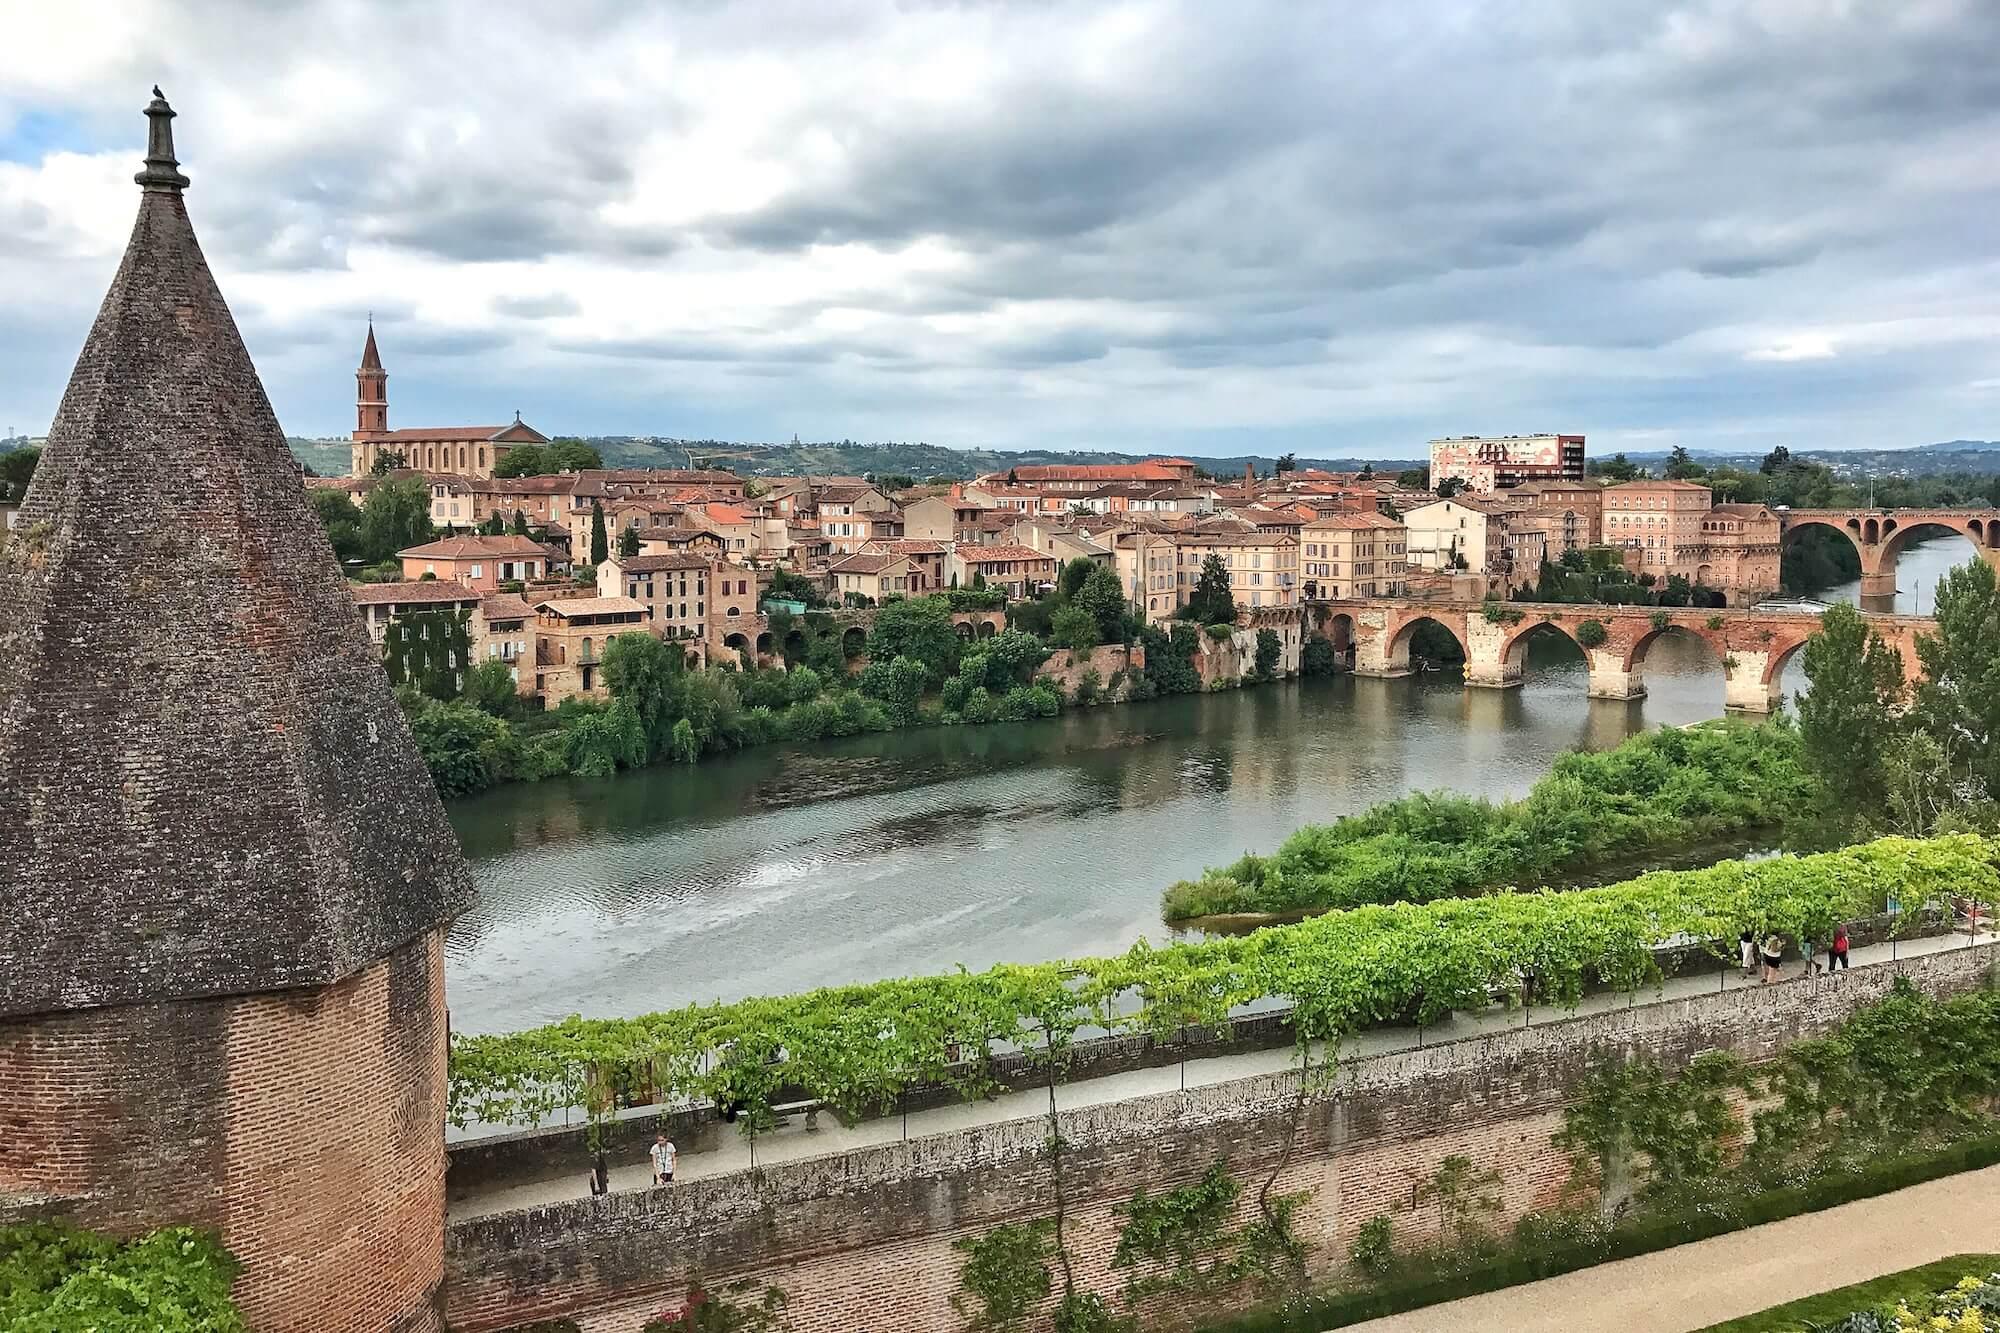 Reiseziel Okzitanien: Die besten Sehenswürdigkeiten und Kultur-Tipps in den südfranzösischen Städten Montauban, Albi und Carcassonne.